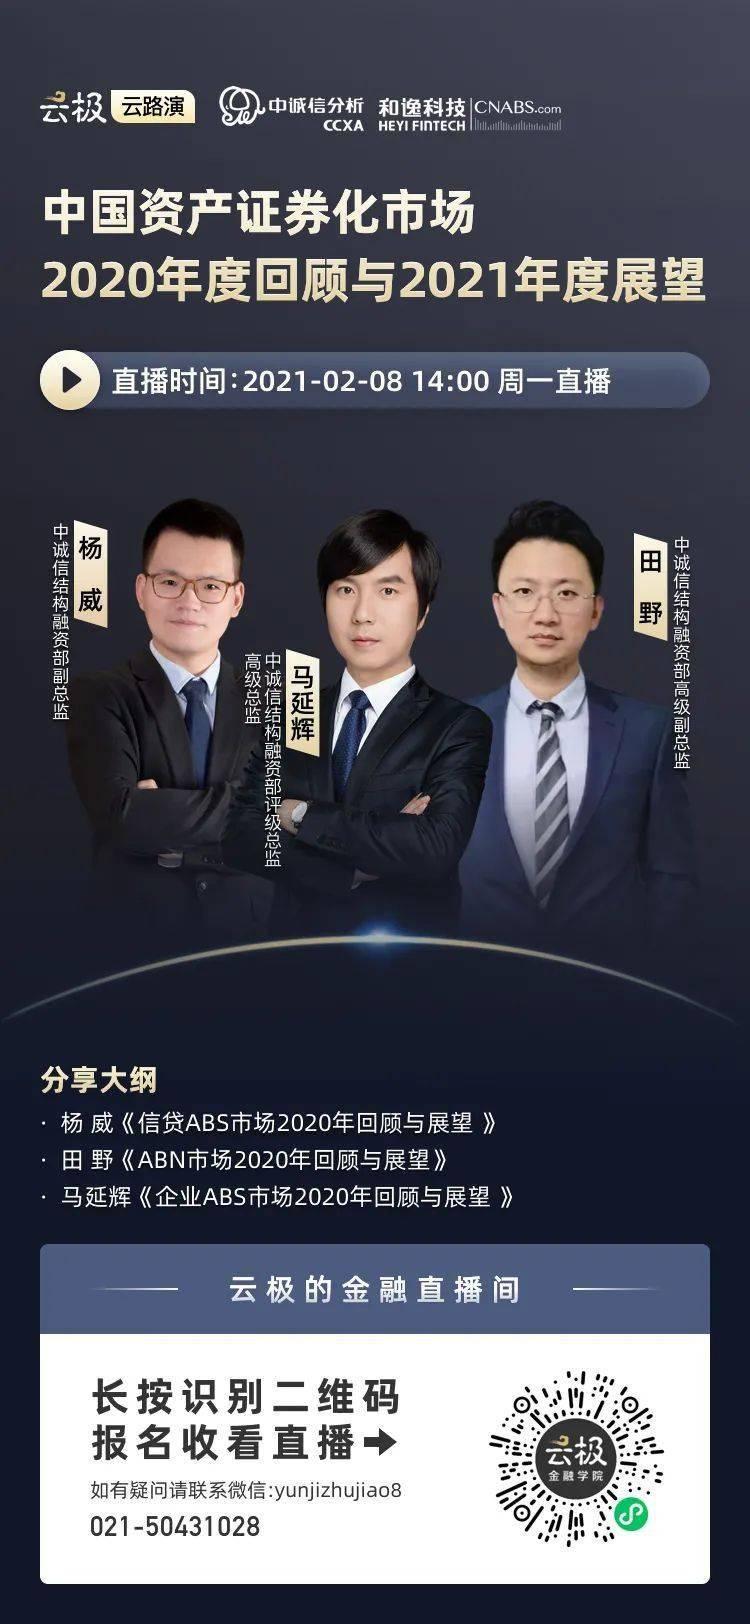 何仪中国资产证券化在线会议| 2020年中国资产证券化市场回顾及2021年展望